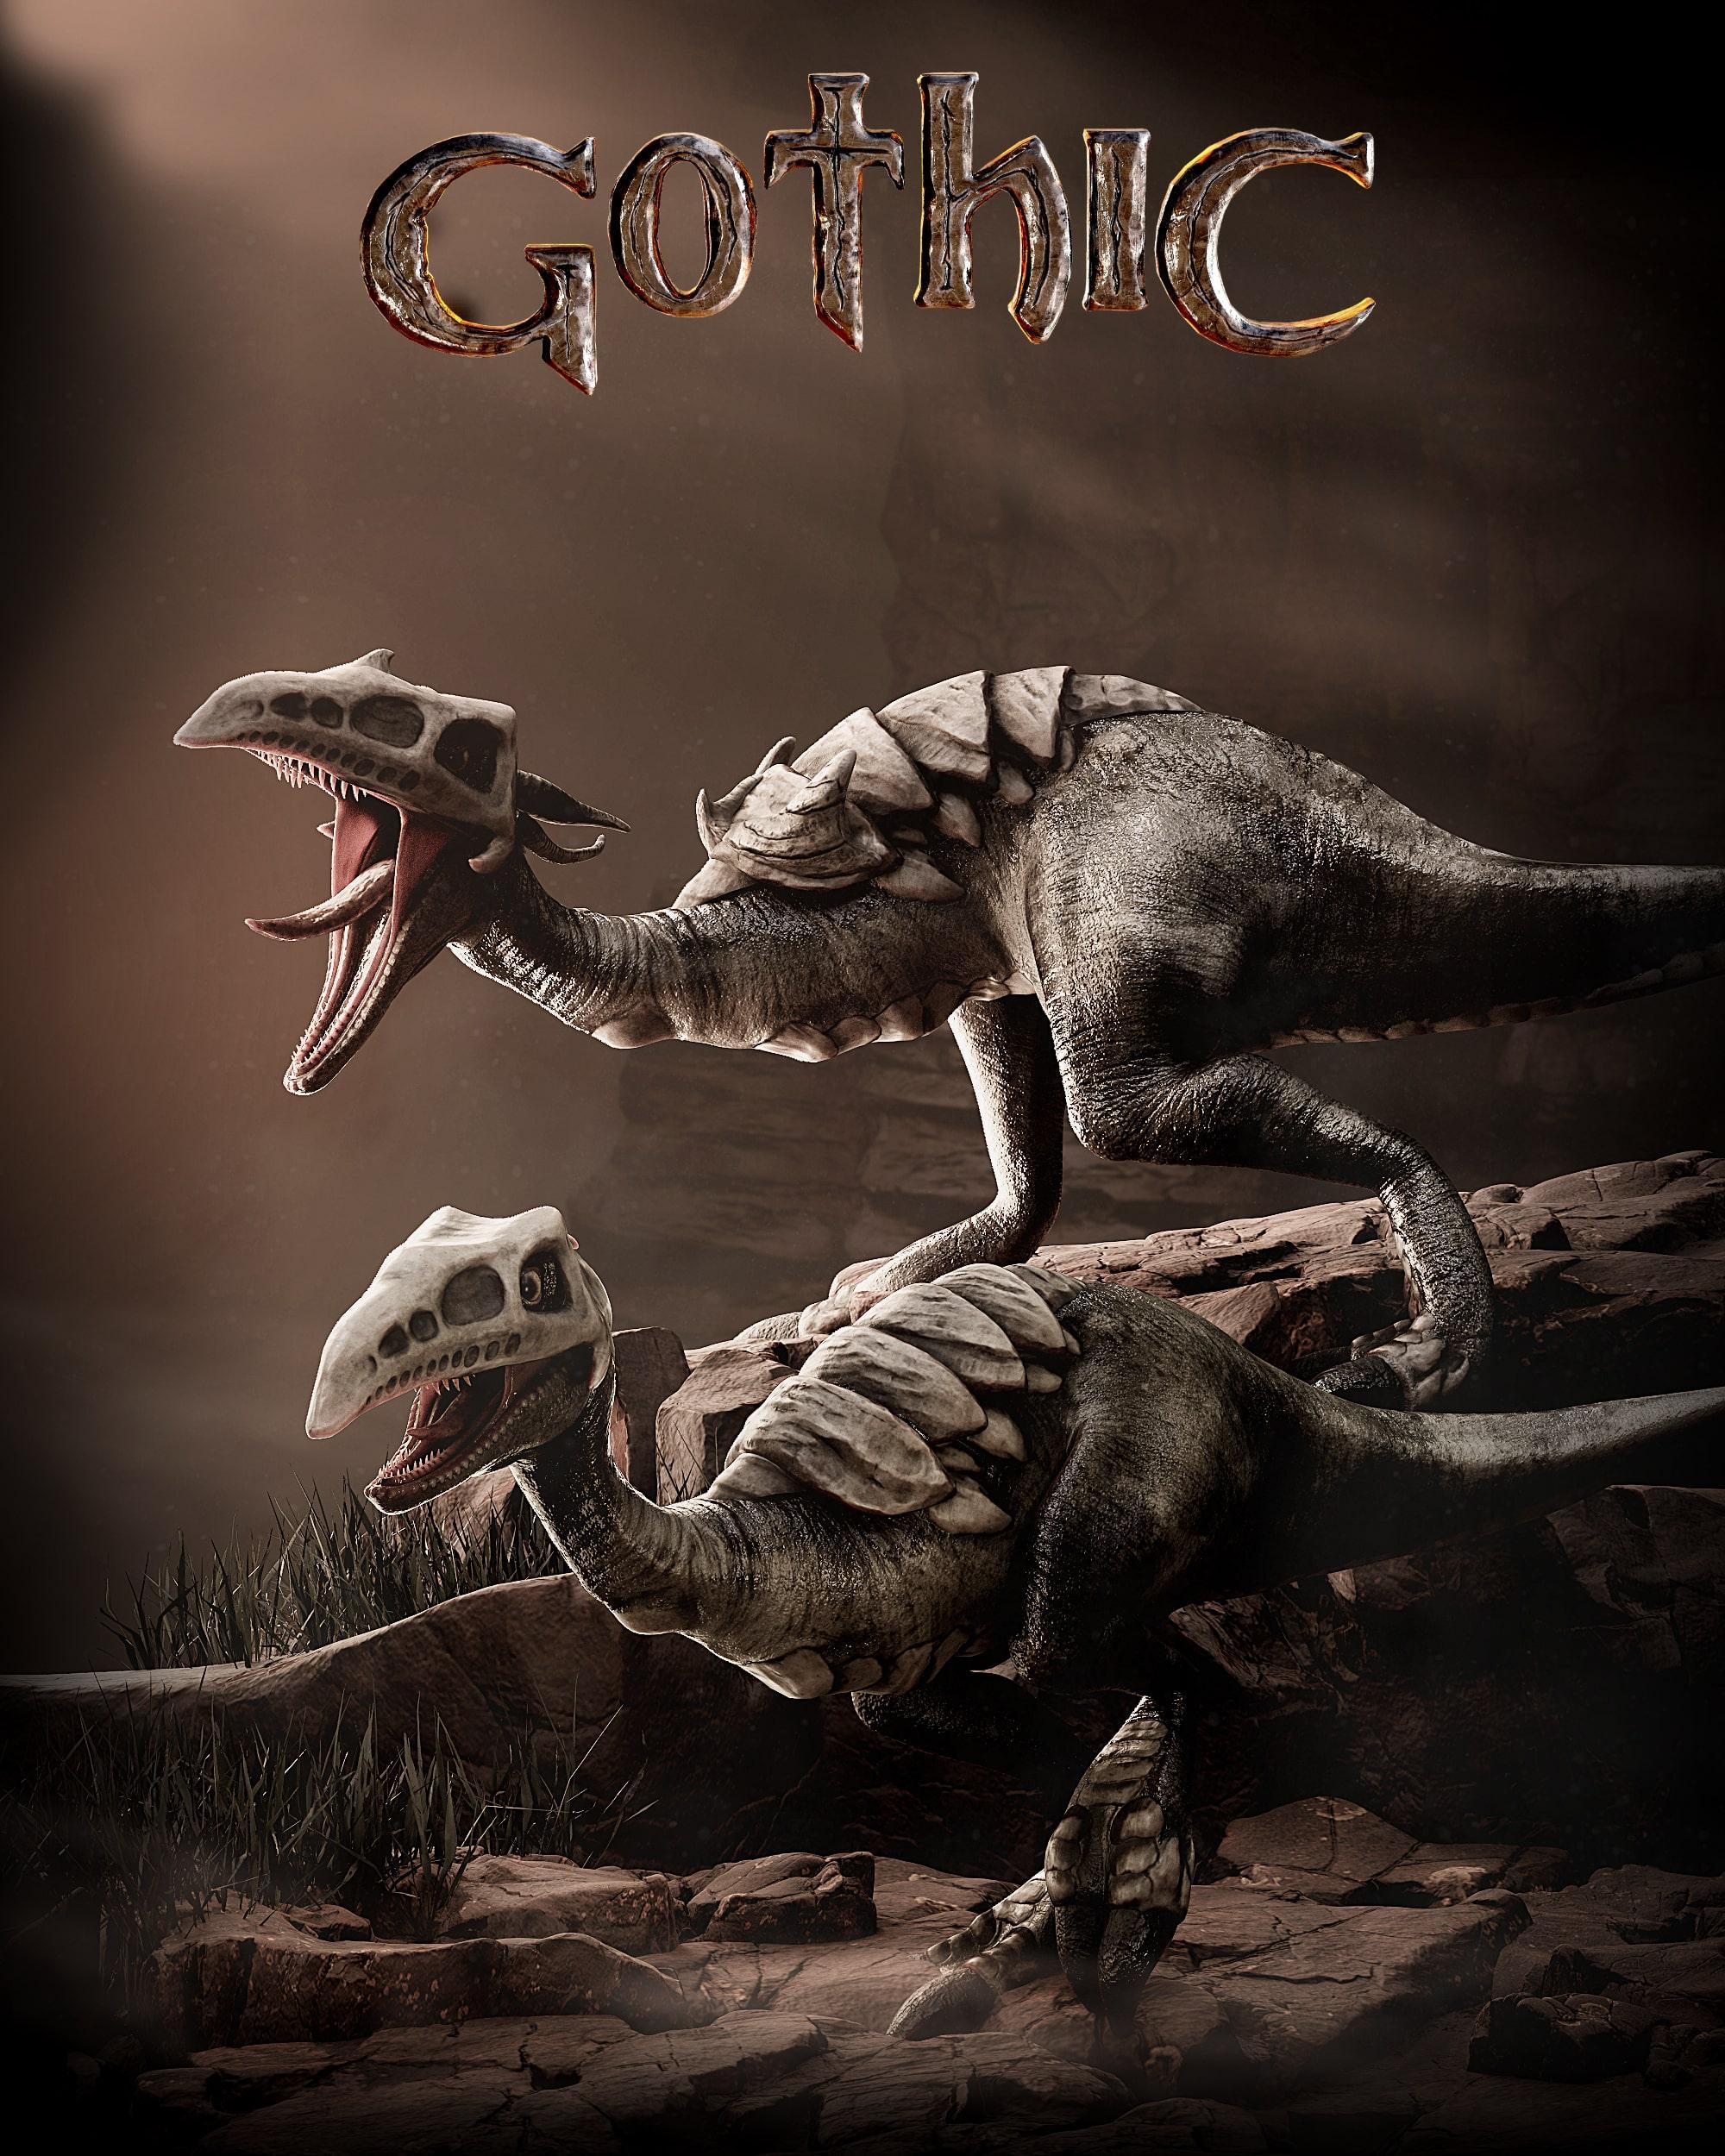 Předělávka prvního Gothica obrazem Gothic min